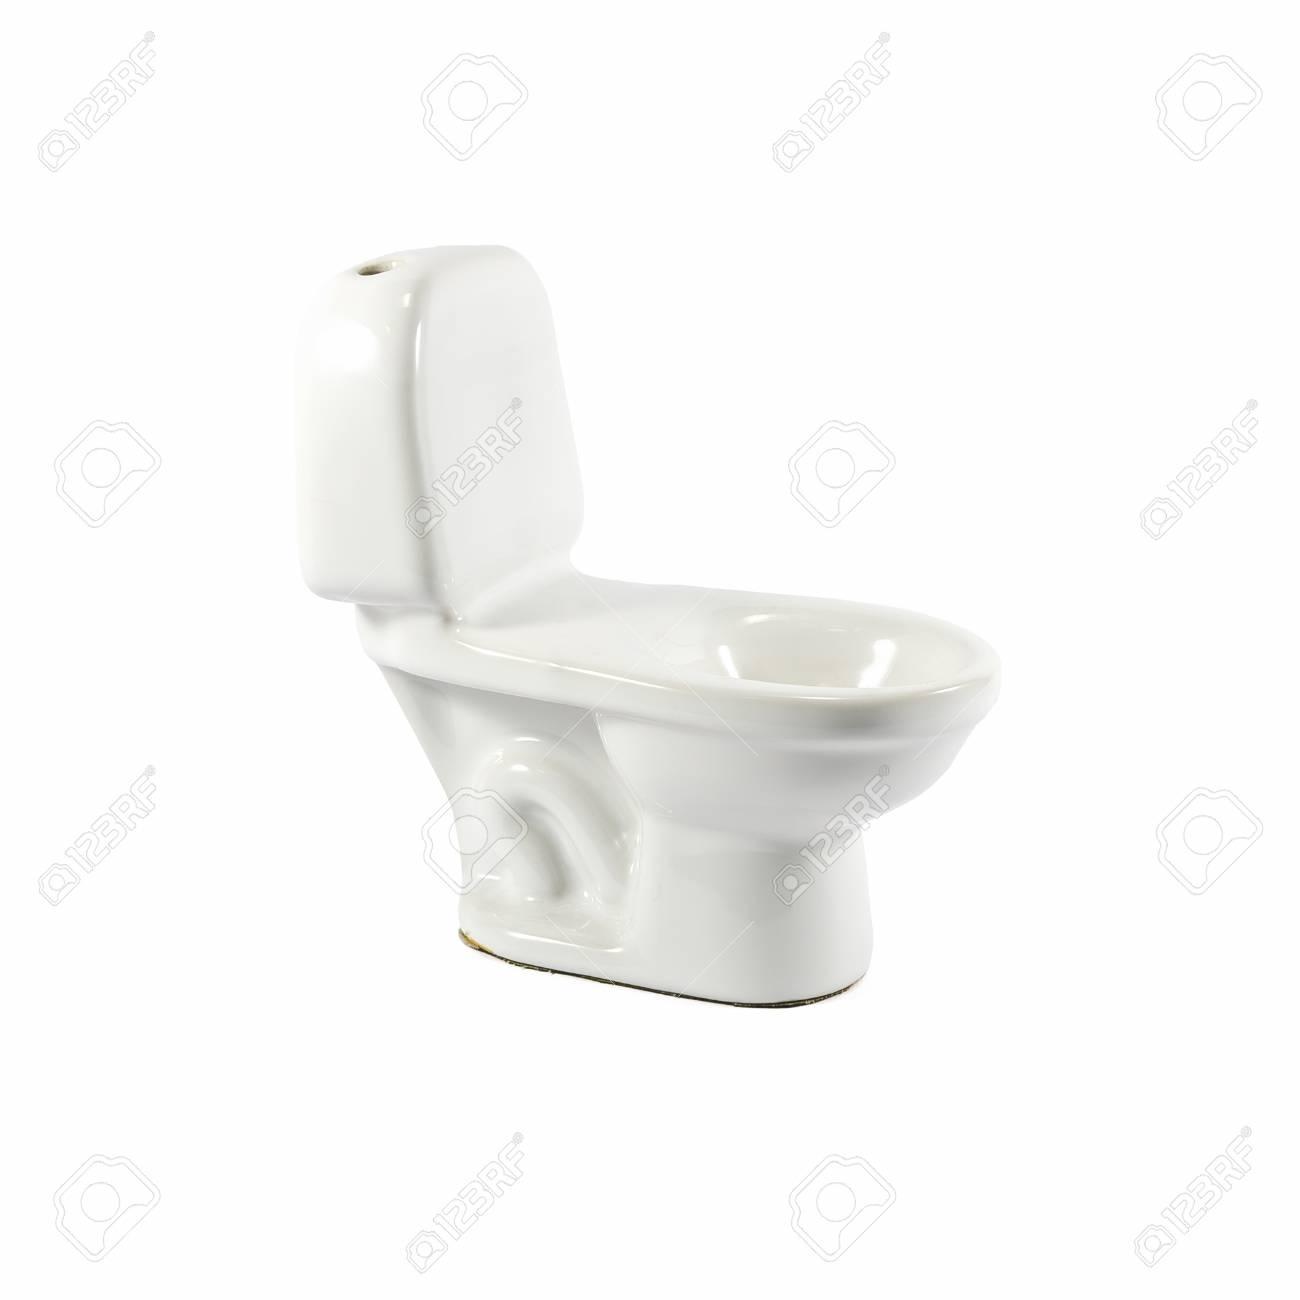 Céramique blanche modèle toilette sur fond blanc